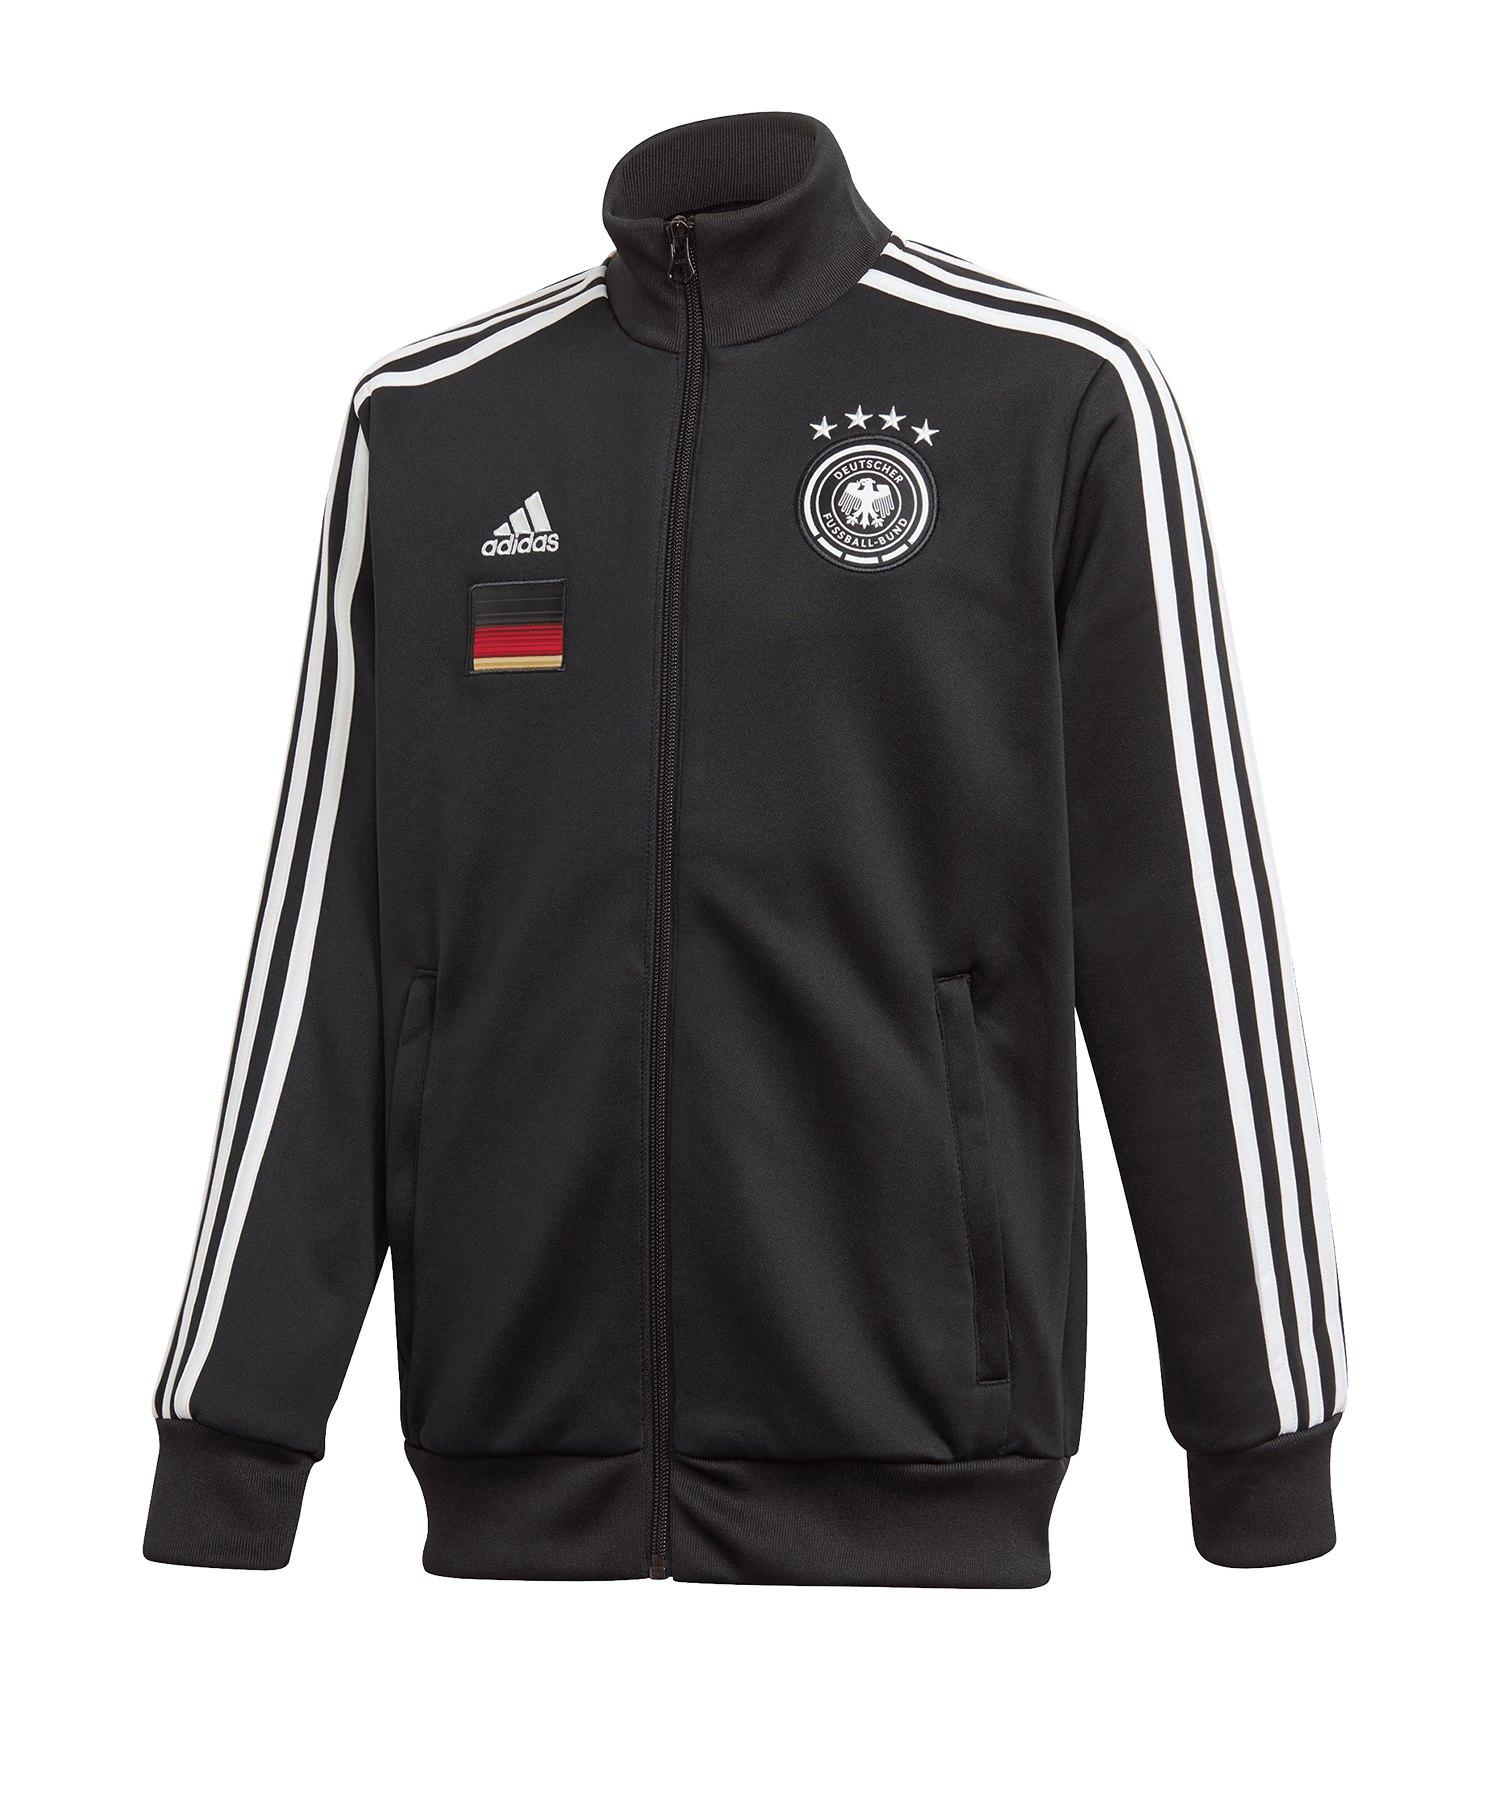 adidas DFB Deutschland Trainingsjacke Kids Schwarz - schwarz